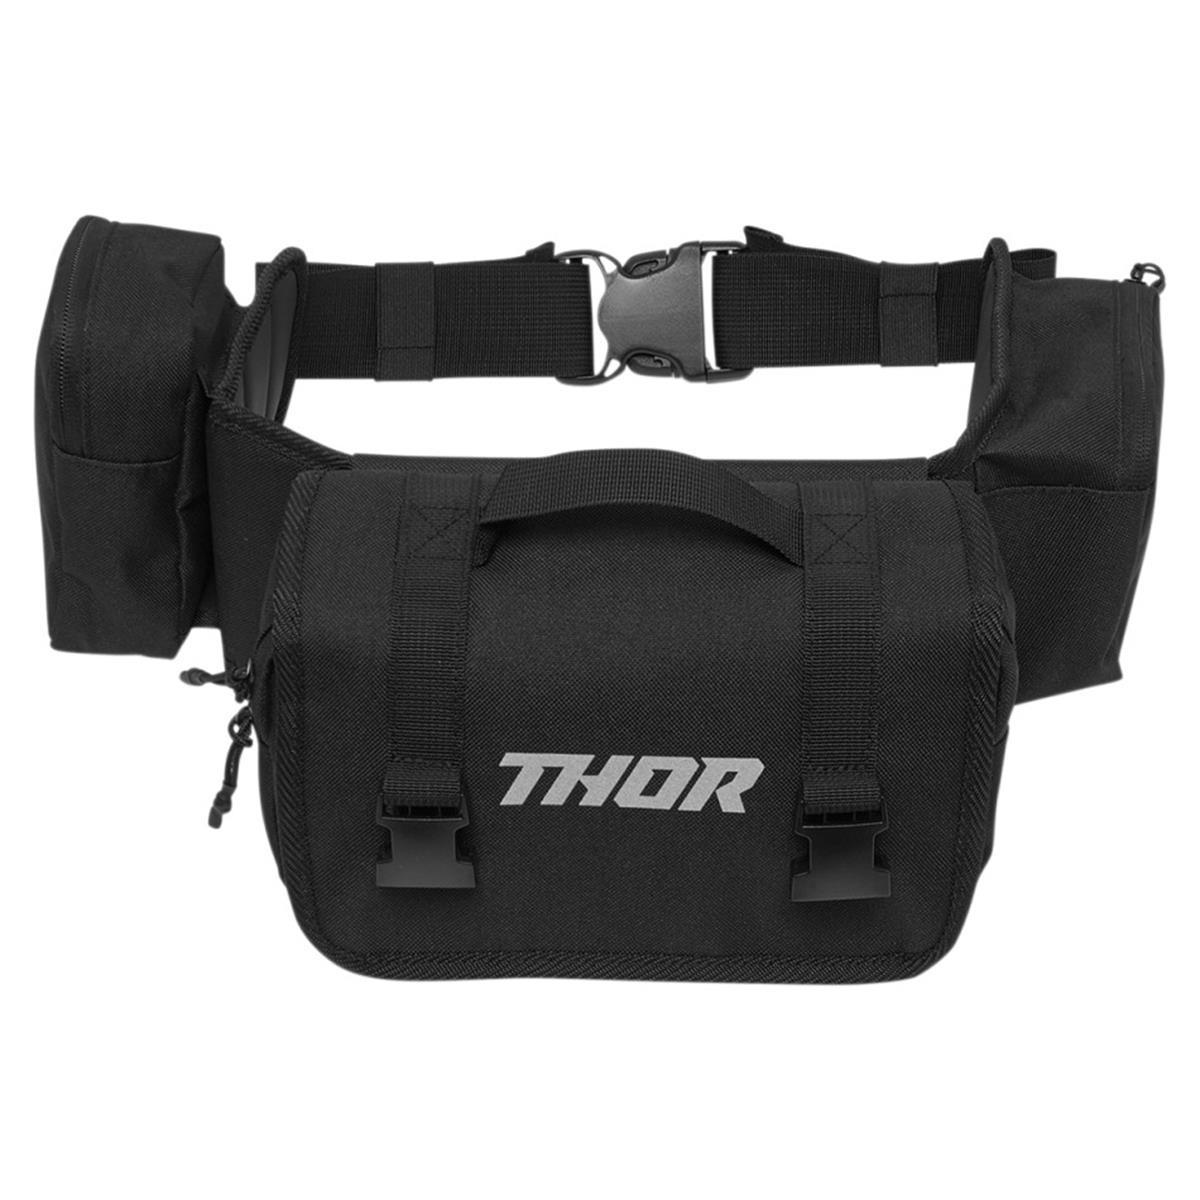 Thor Gürteltasche Vault Pack Schwarz/Mint